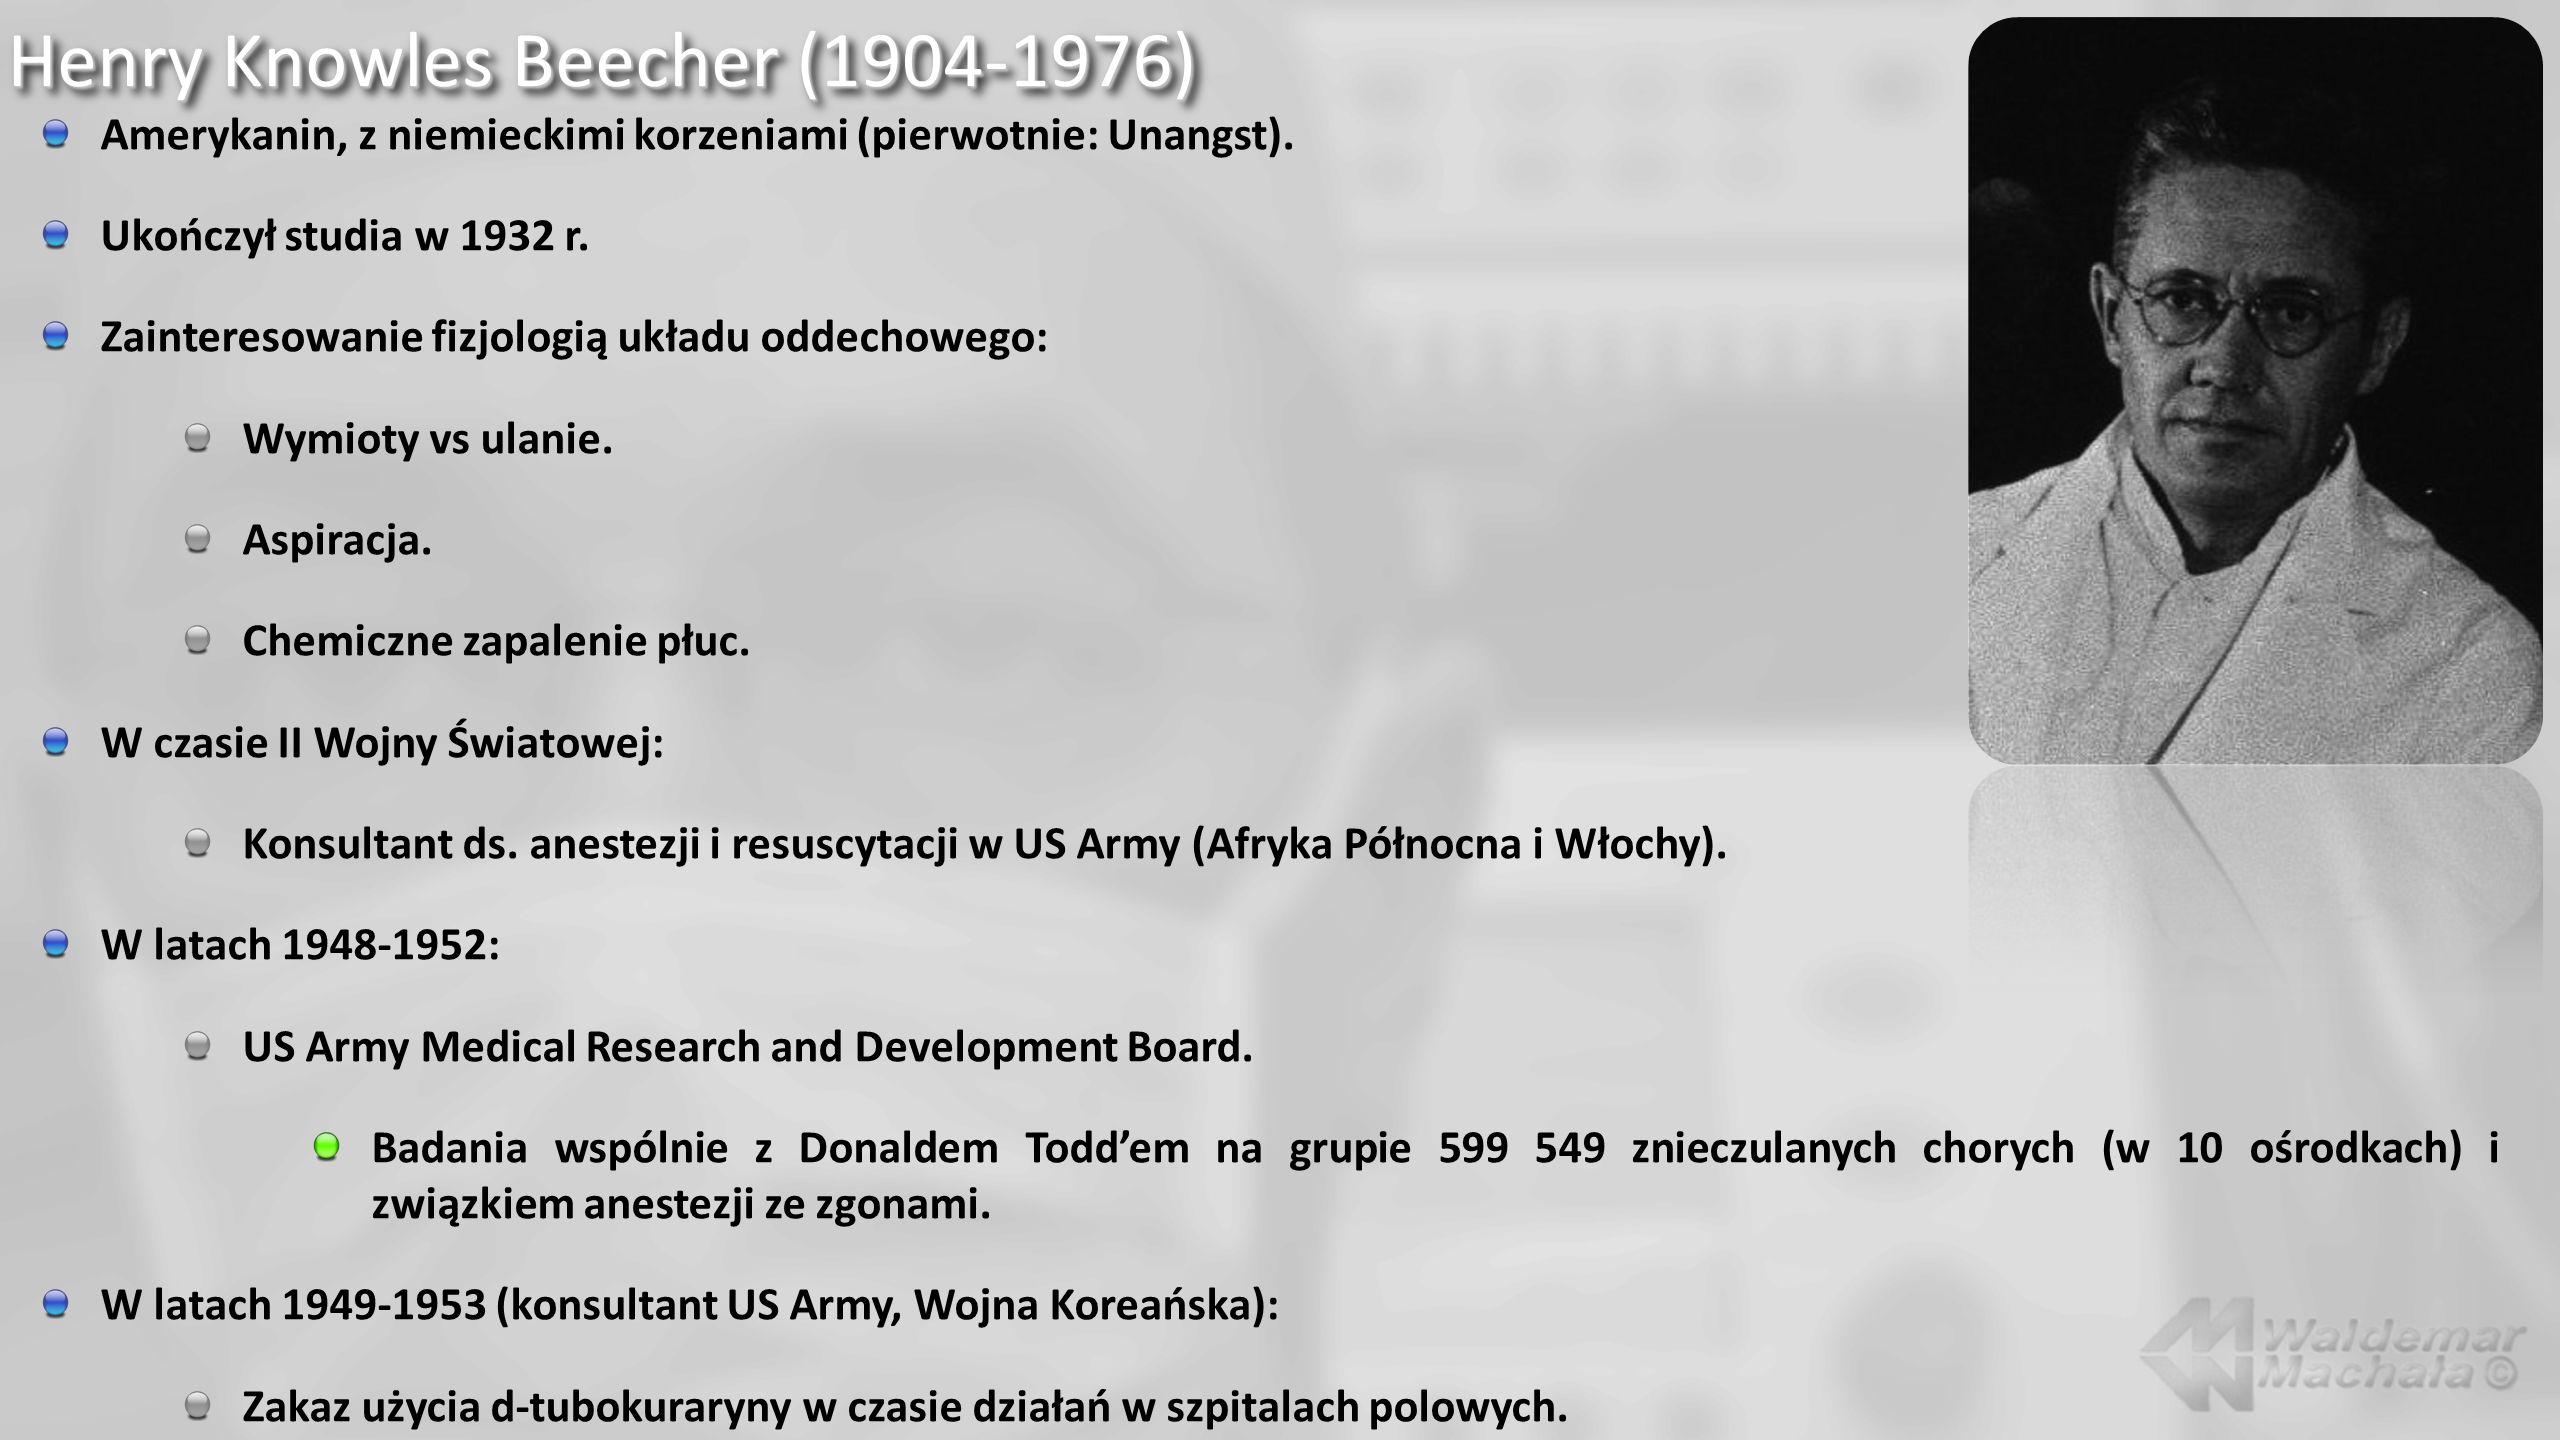 Henry Knowles Beecher (1904-1976) Badania D.